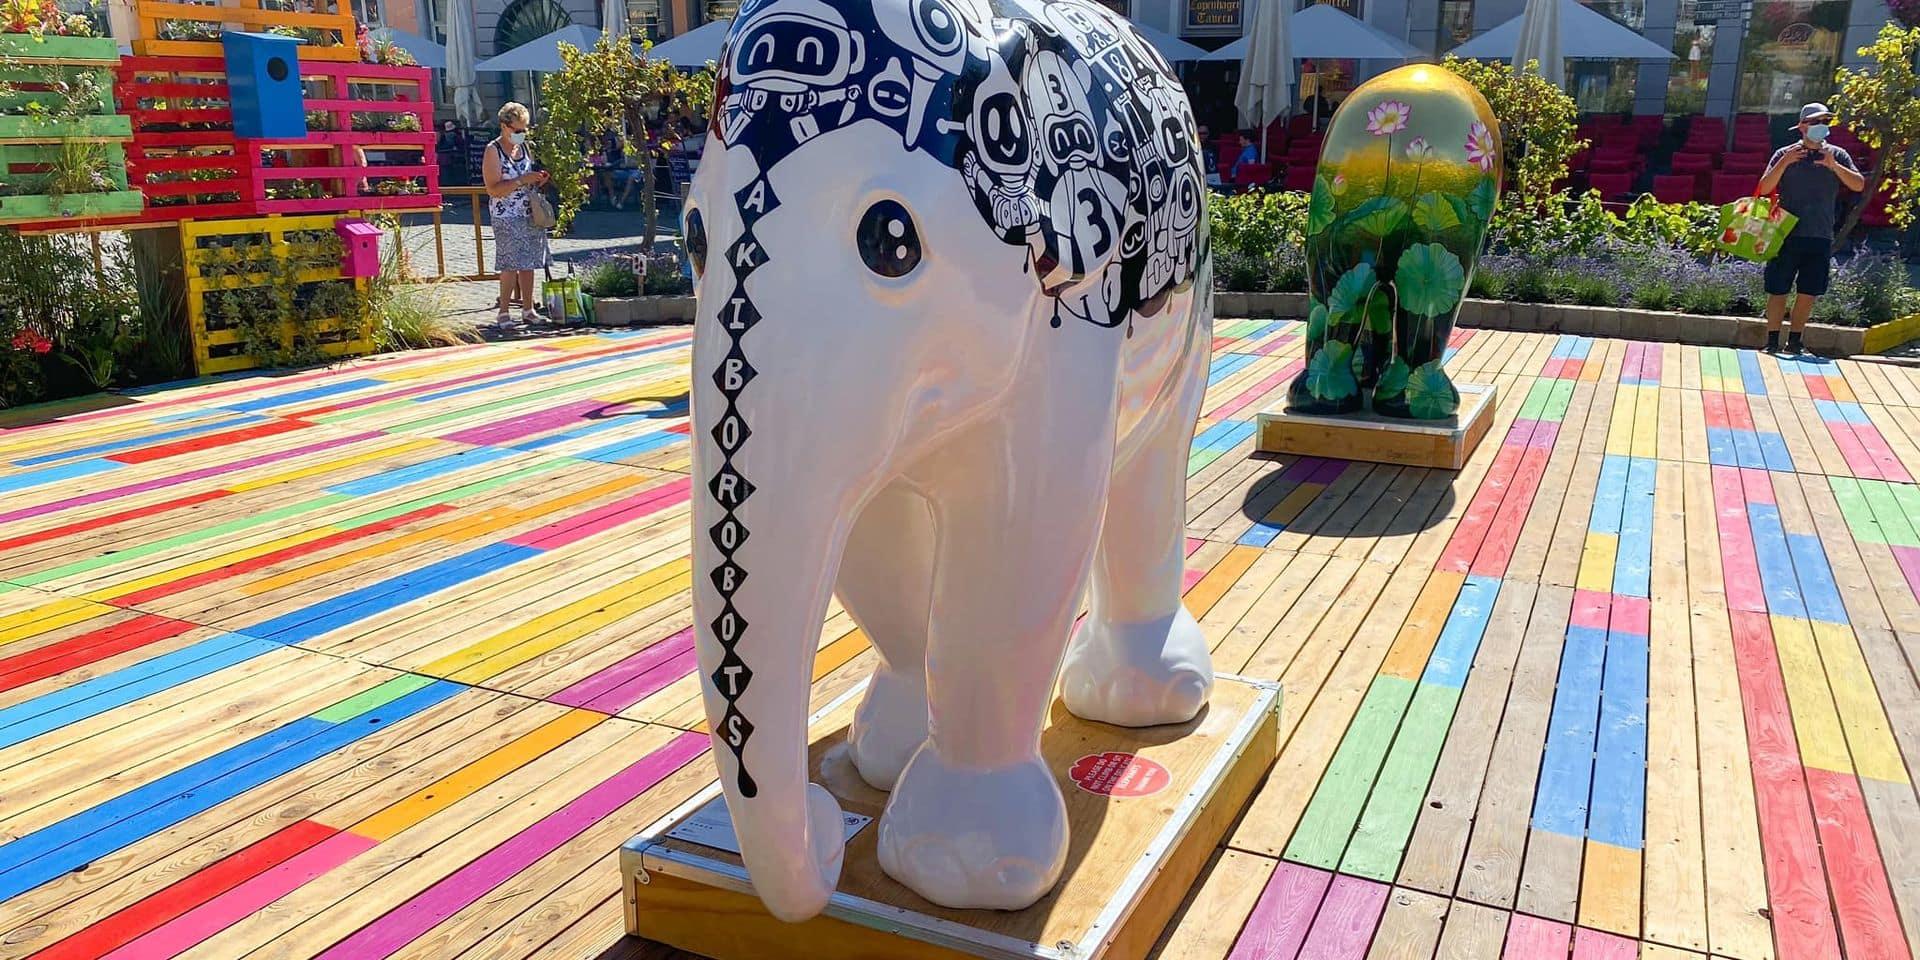 À cause du vandalisme, la ville de Mons contrainte de déplacer ses éléphants